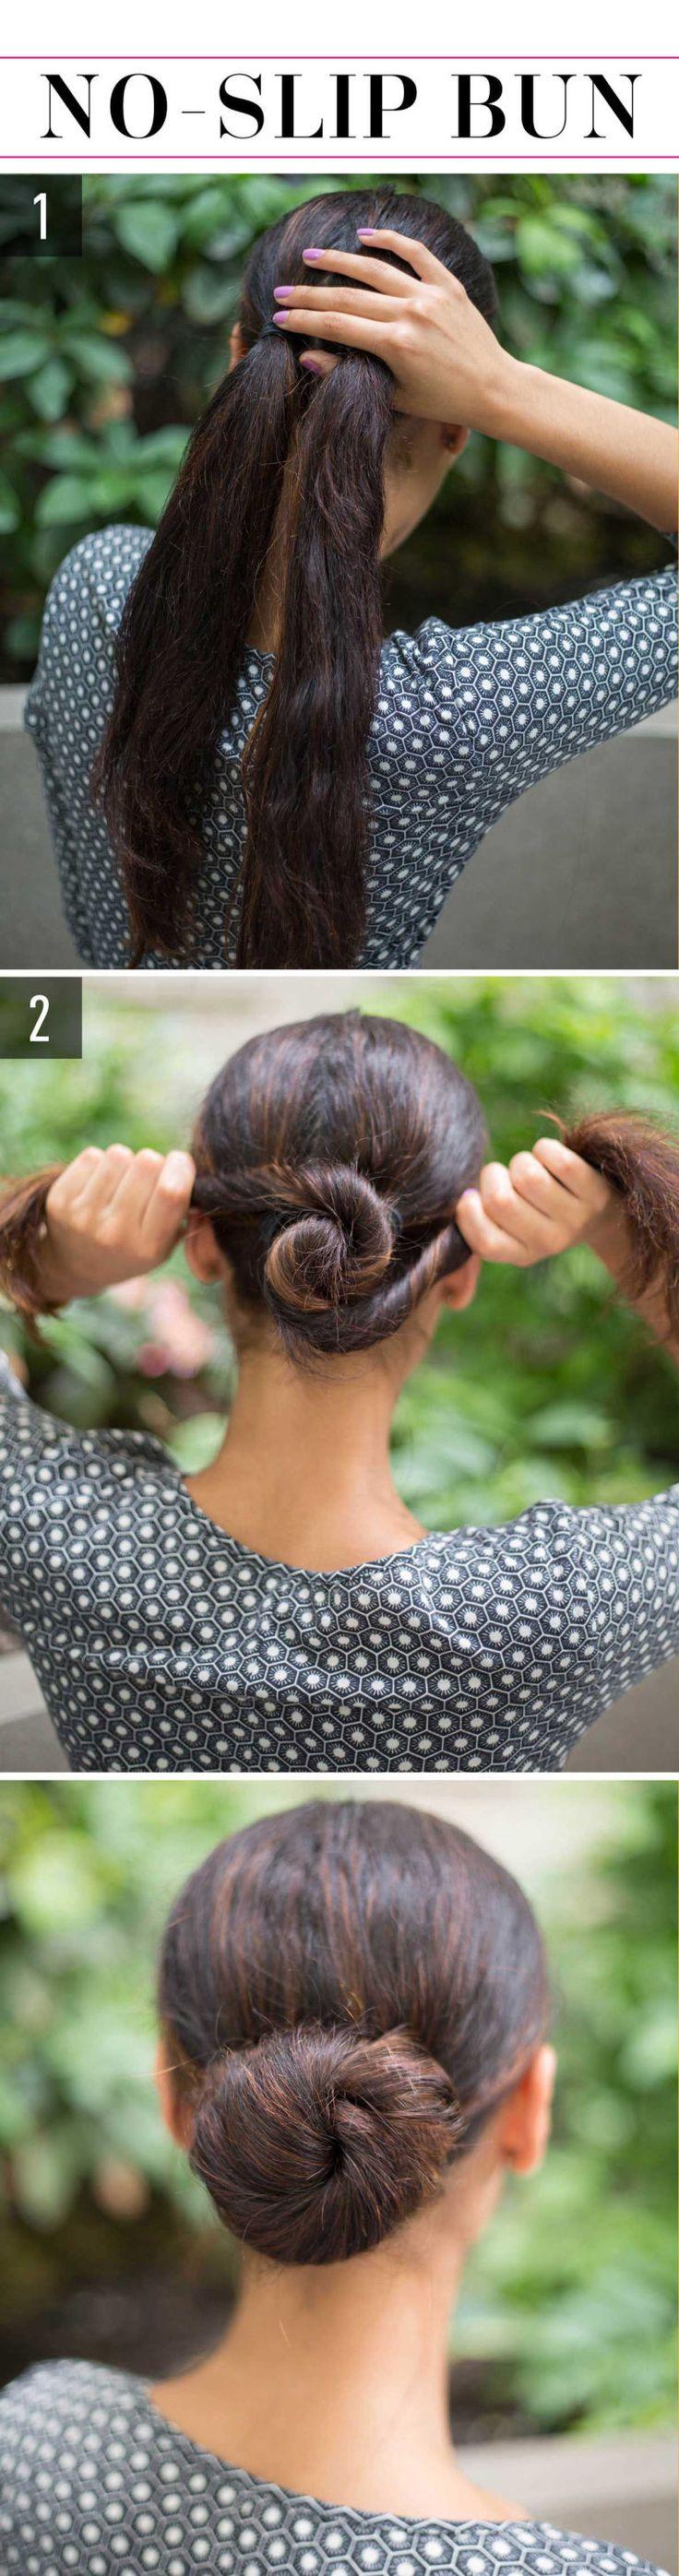 Best 255 Type 4 1 Daughter ideas on Pinterest